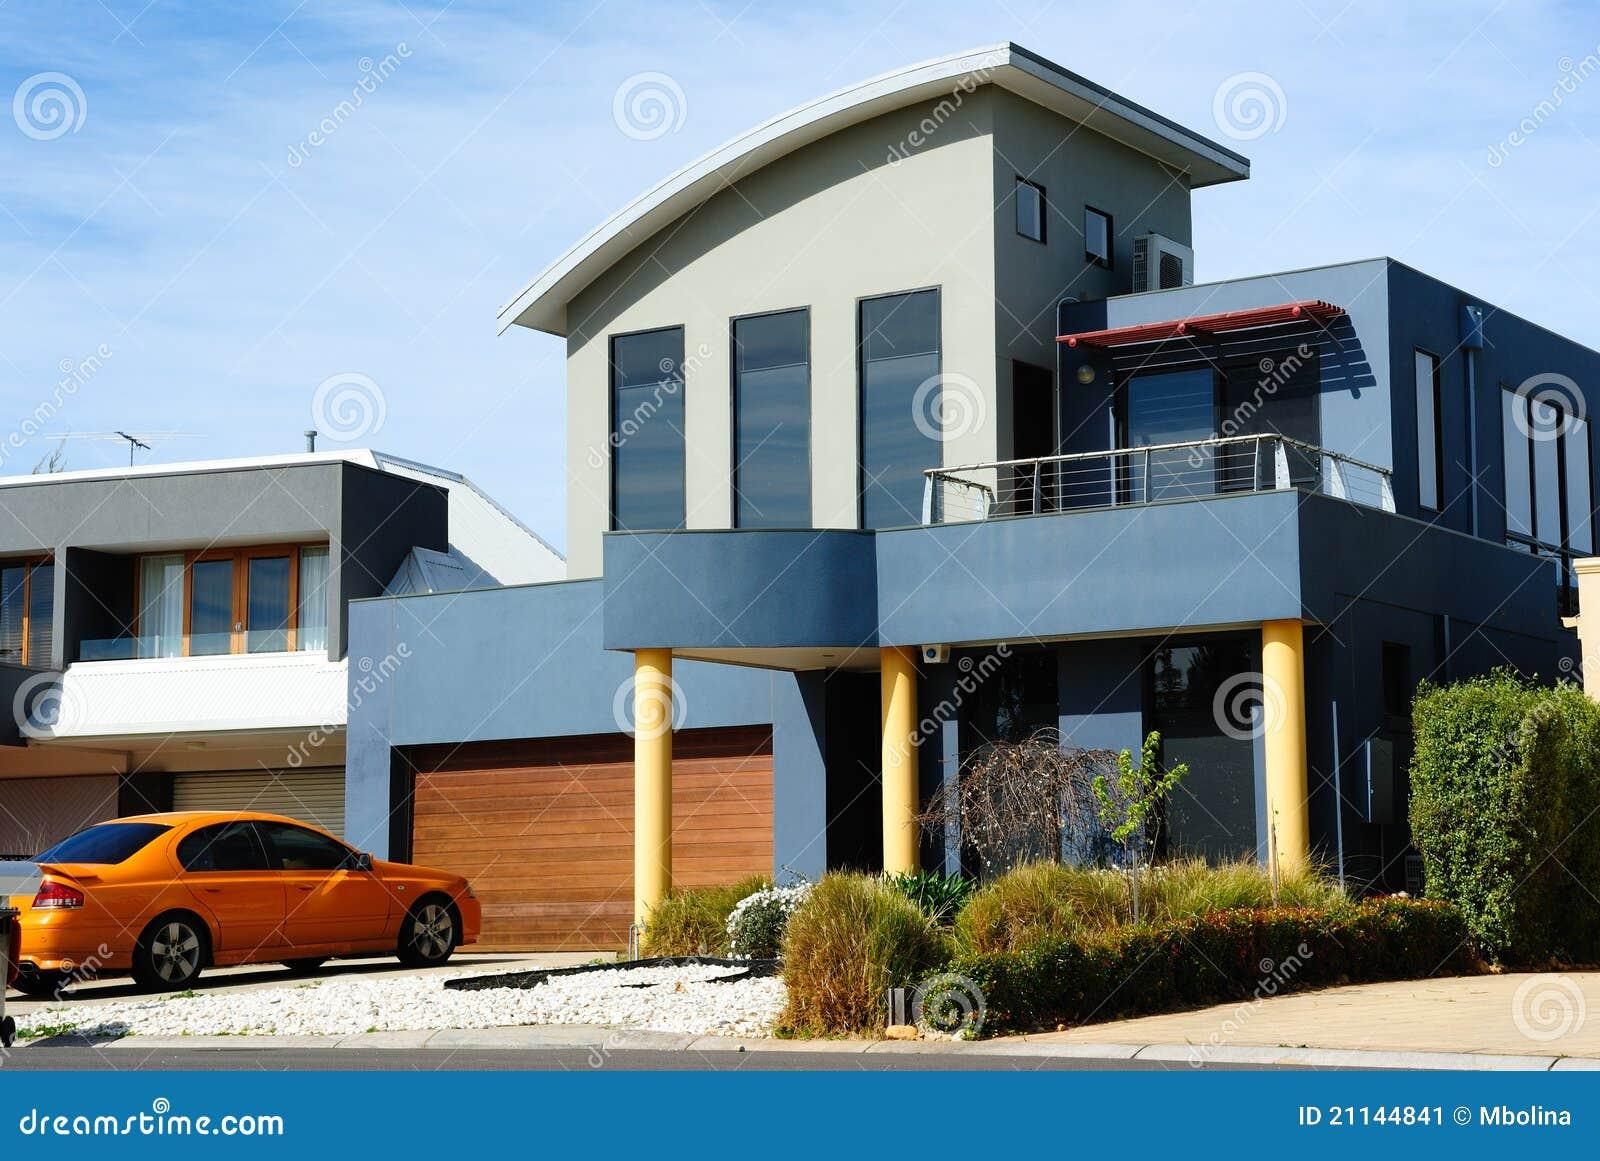 Belle maison moderne architecture neuve image stock for Architecture petite maison moderne